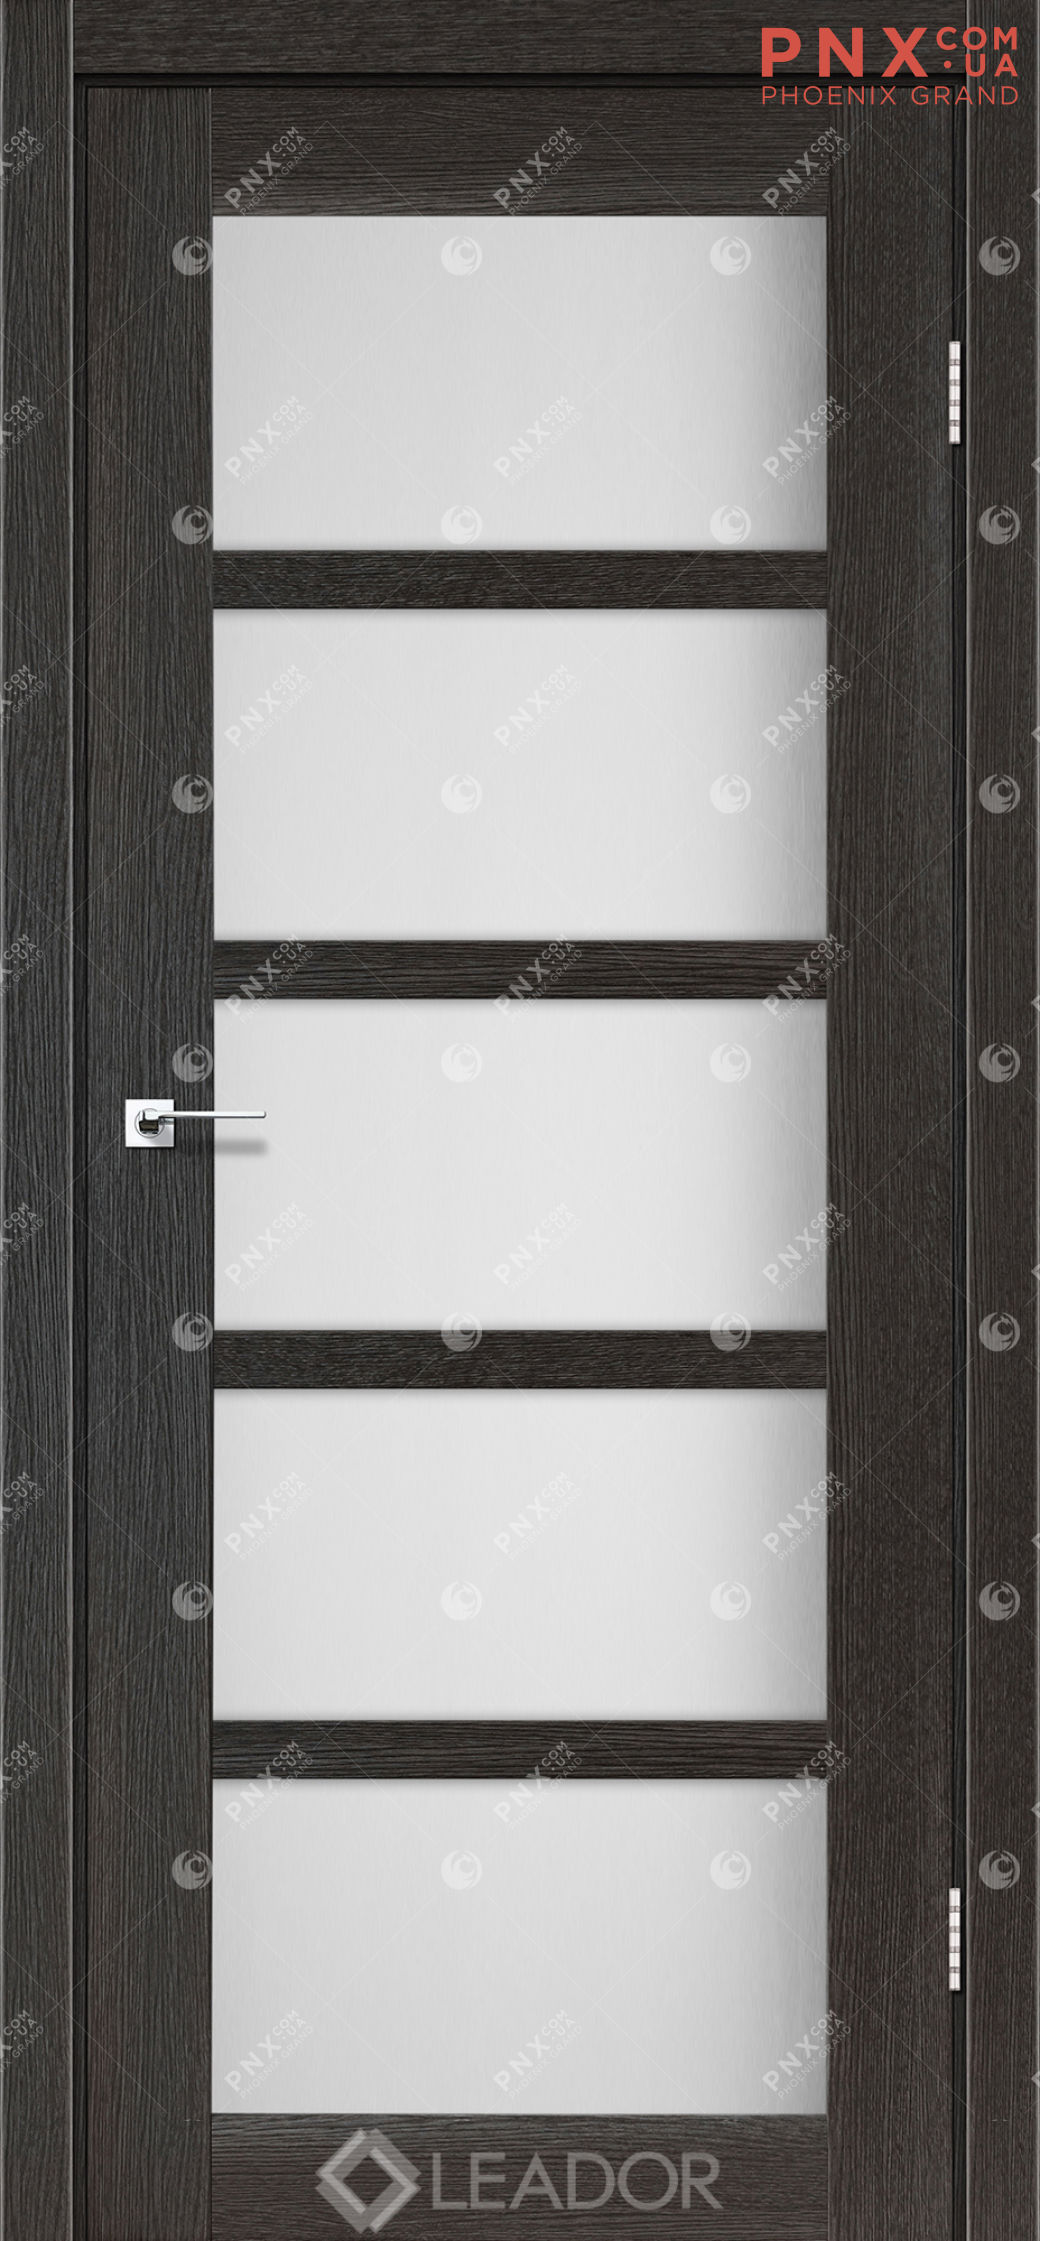 Межкомнатная дверь LEADOR Veneto, Дуб Саксонский, Белое стекло сатин